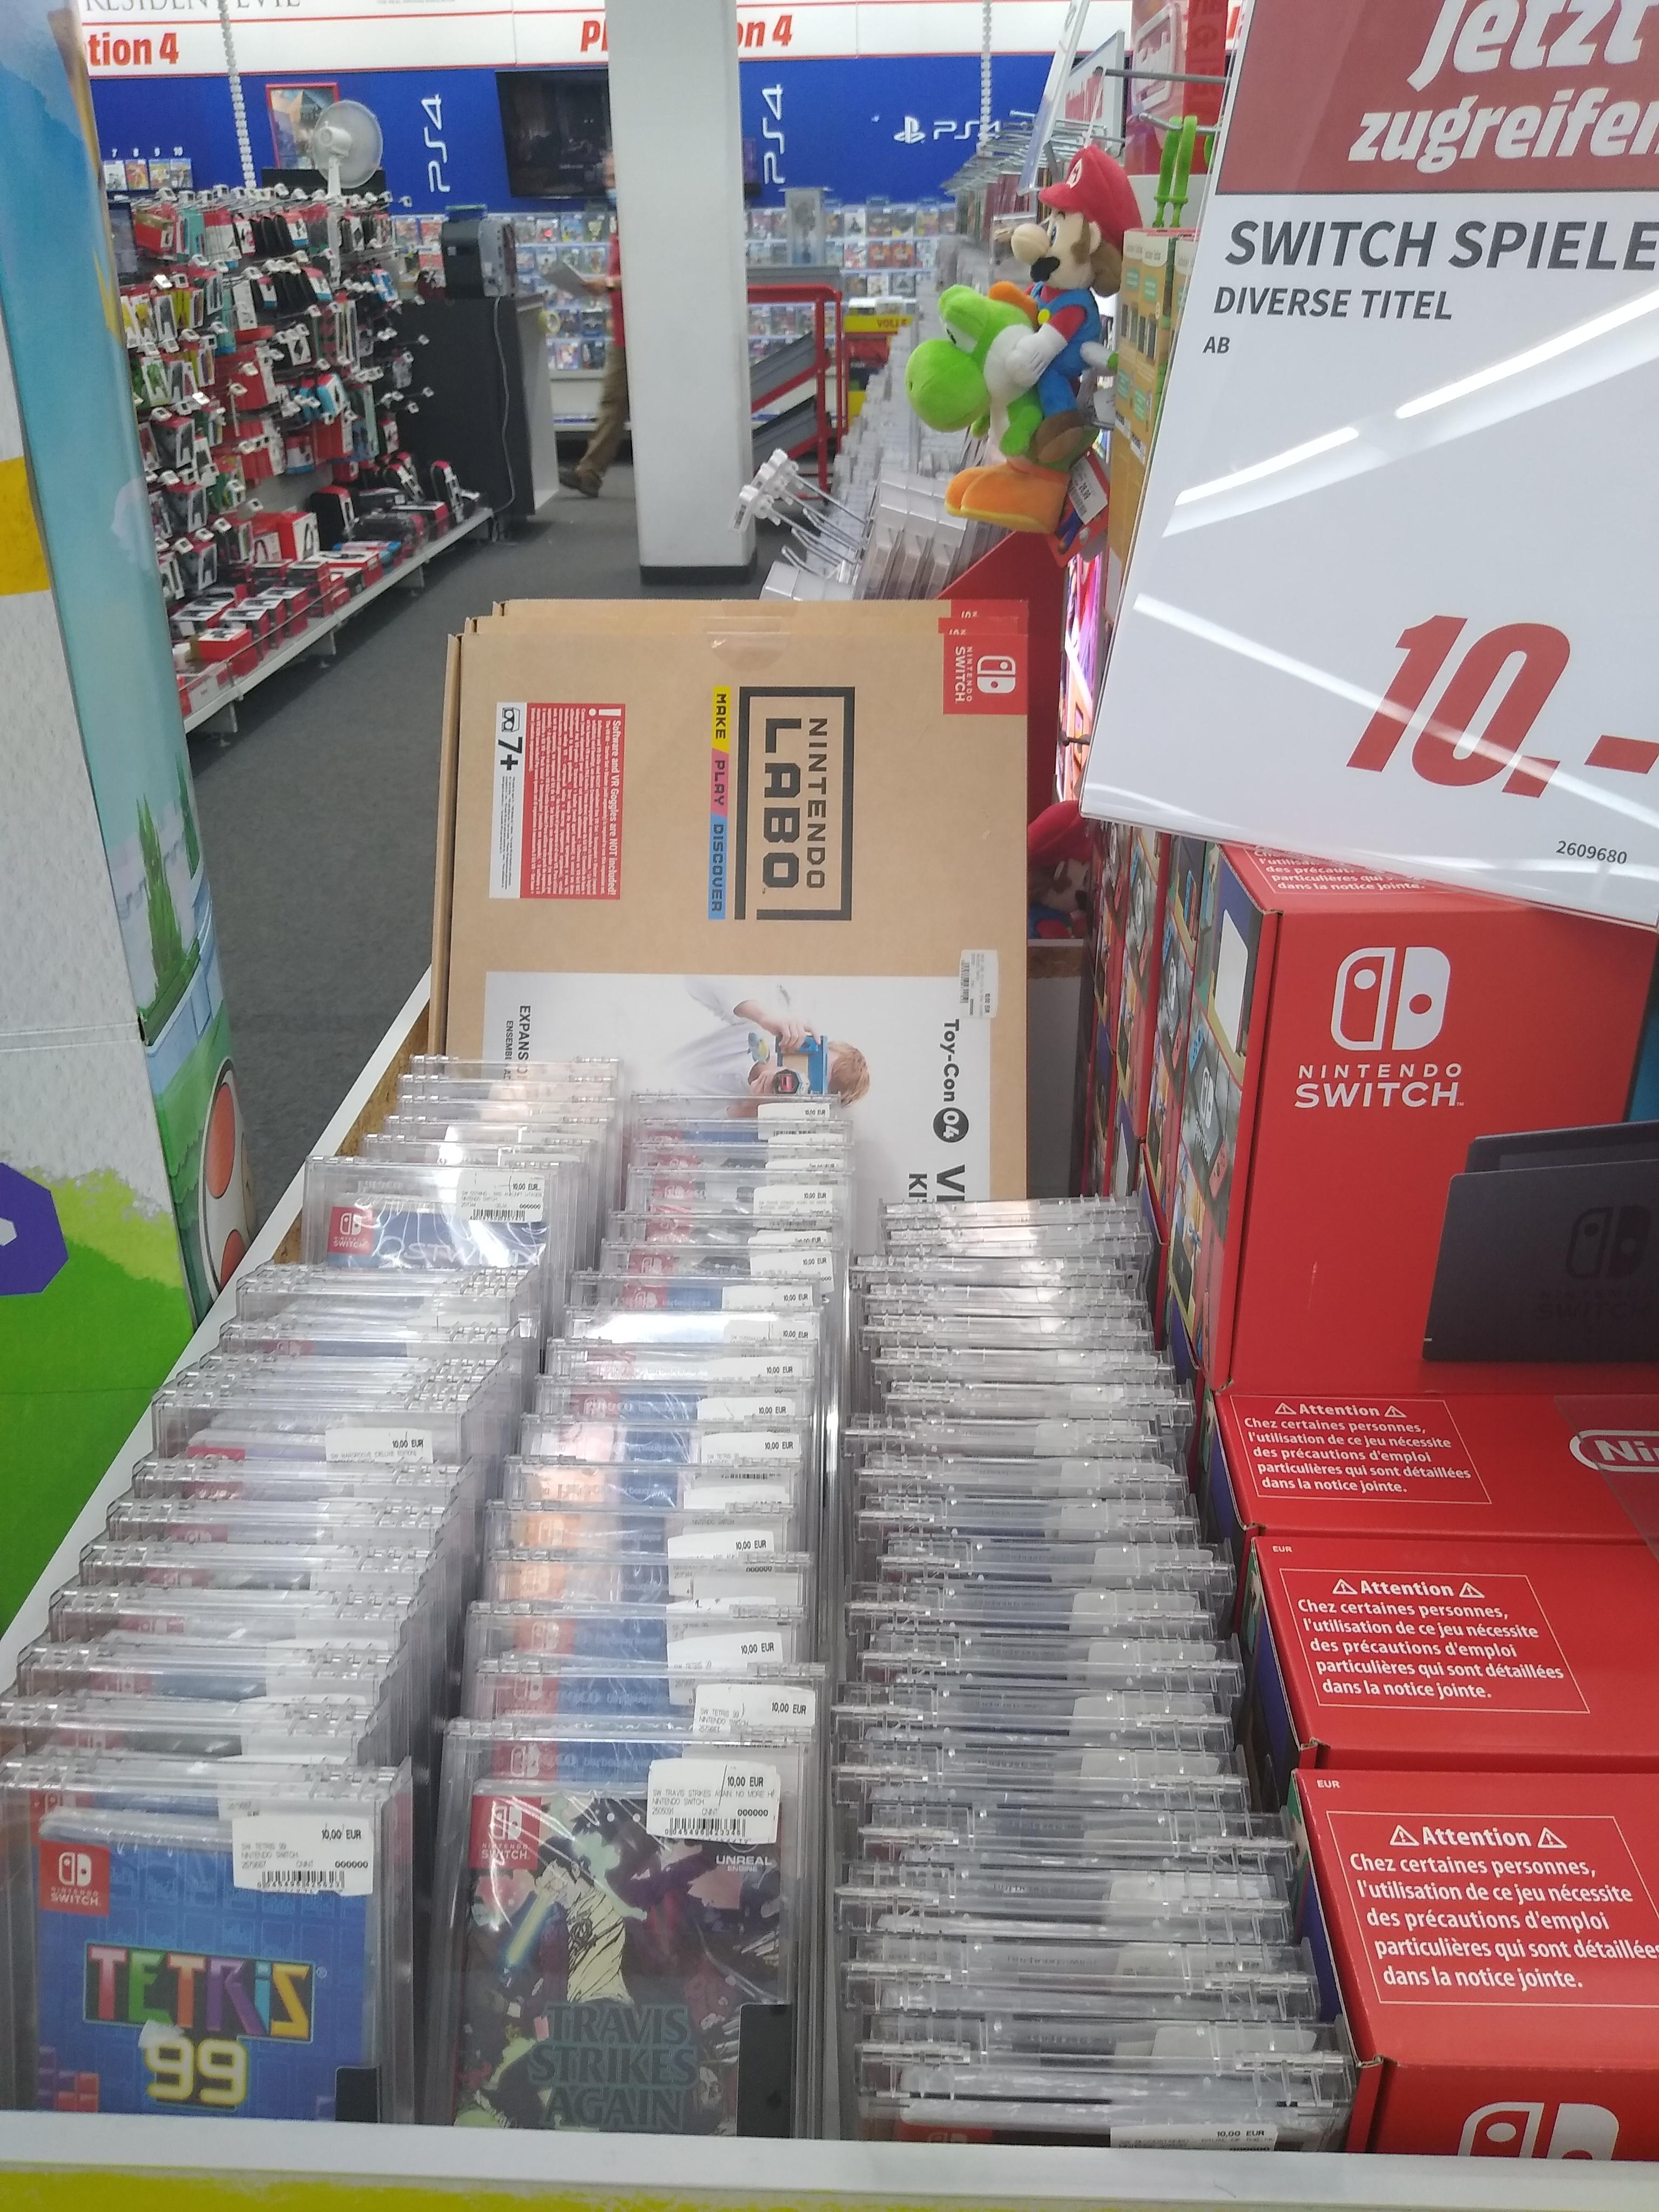 [Lokal Media Markt Aachen] Diverse Nintendo Switch-Spiele (Travis Strikes again, Overwatch, Tetris 99 etc.) für 10 €